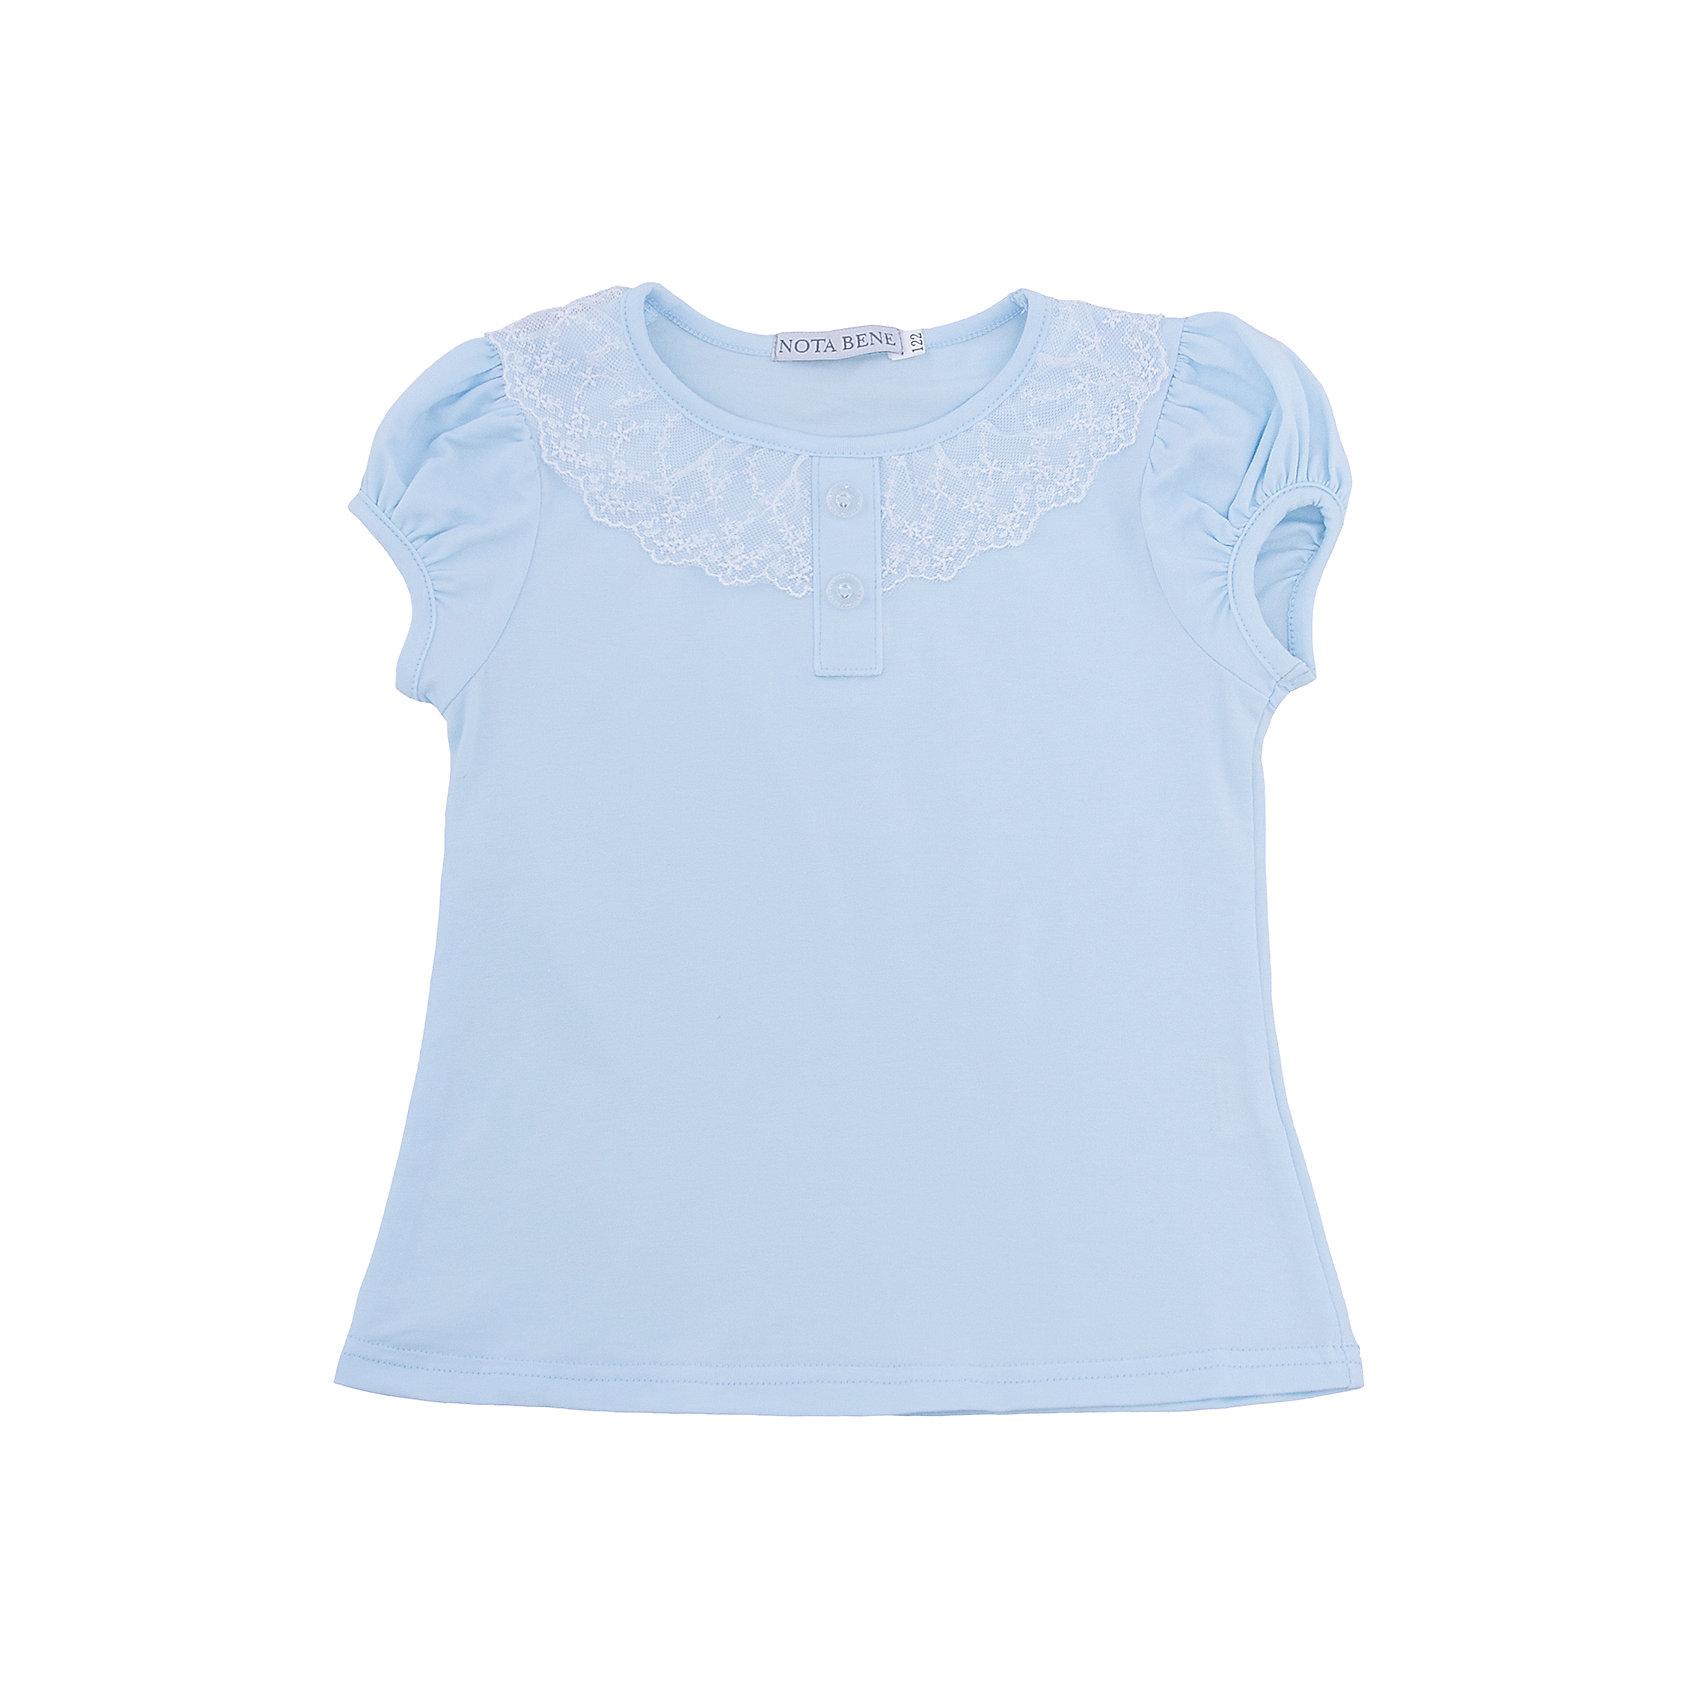 Блузка Nota Bene для девочкиБлузки и рубашки<br>Блузка с короткими рукавами с кружевной отделкой<br>Соответствует размеру<br>Рекомендована предварительная стирка<br>Состав:<br>92% хлопок; 8% лайкра<br><br>Ширина мм: 186<br>Глубина мм: 87<br>Высота мм: 198<br>Вес г: 197<br>Цвет: голубой<br>Возраст от месяцев: 72<br>Возраст до месяцев: 84<br>Пол: Женский<br>Возраст: Детский<br>Размер: 122,158,164,128,134,140,146,152<br>SKU: 7011954